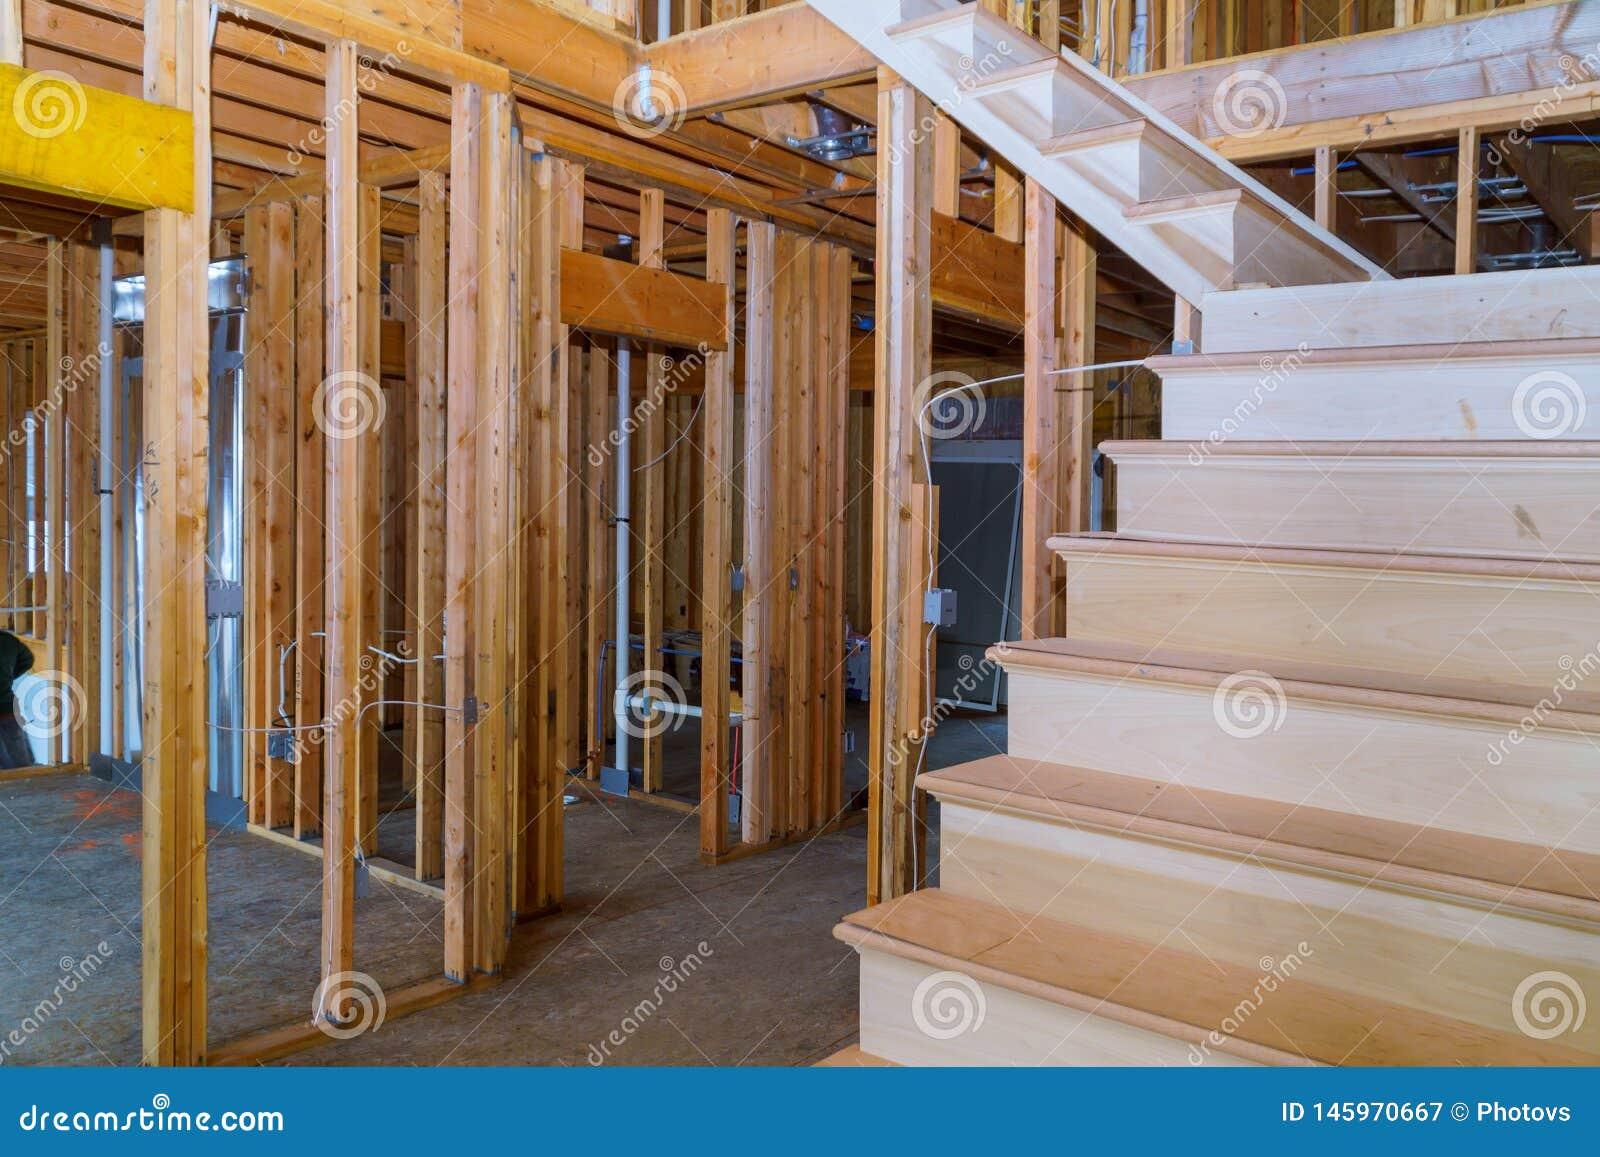 Интерьер новые домашние деревянные балки на обрамлять дома конструкции жилой